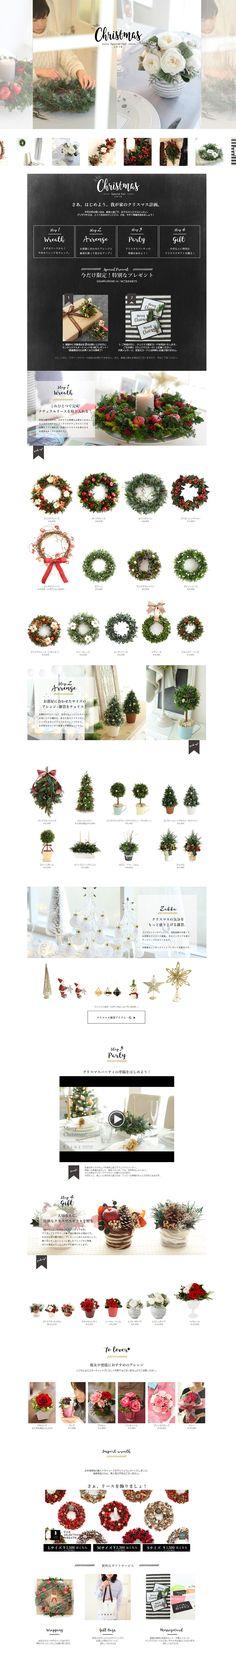 クリスマス特集【インテリア関連】のLPデザイン。WEBデザイナーさん必見!ランディングページのデザイン参考に(キレイ系)